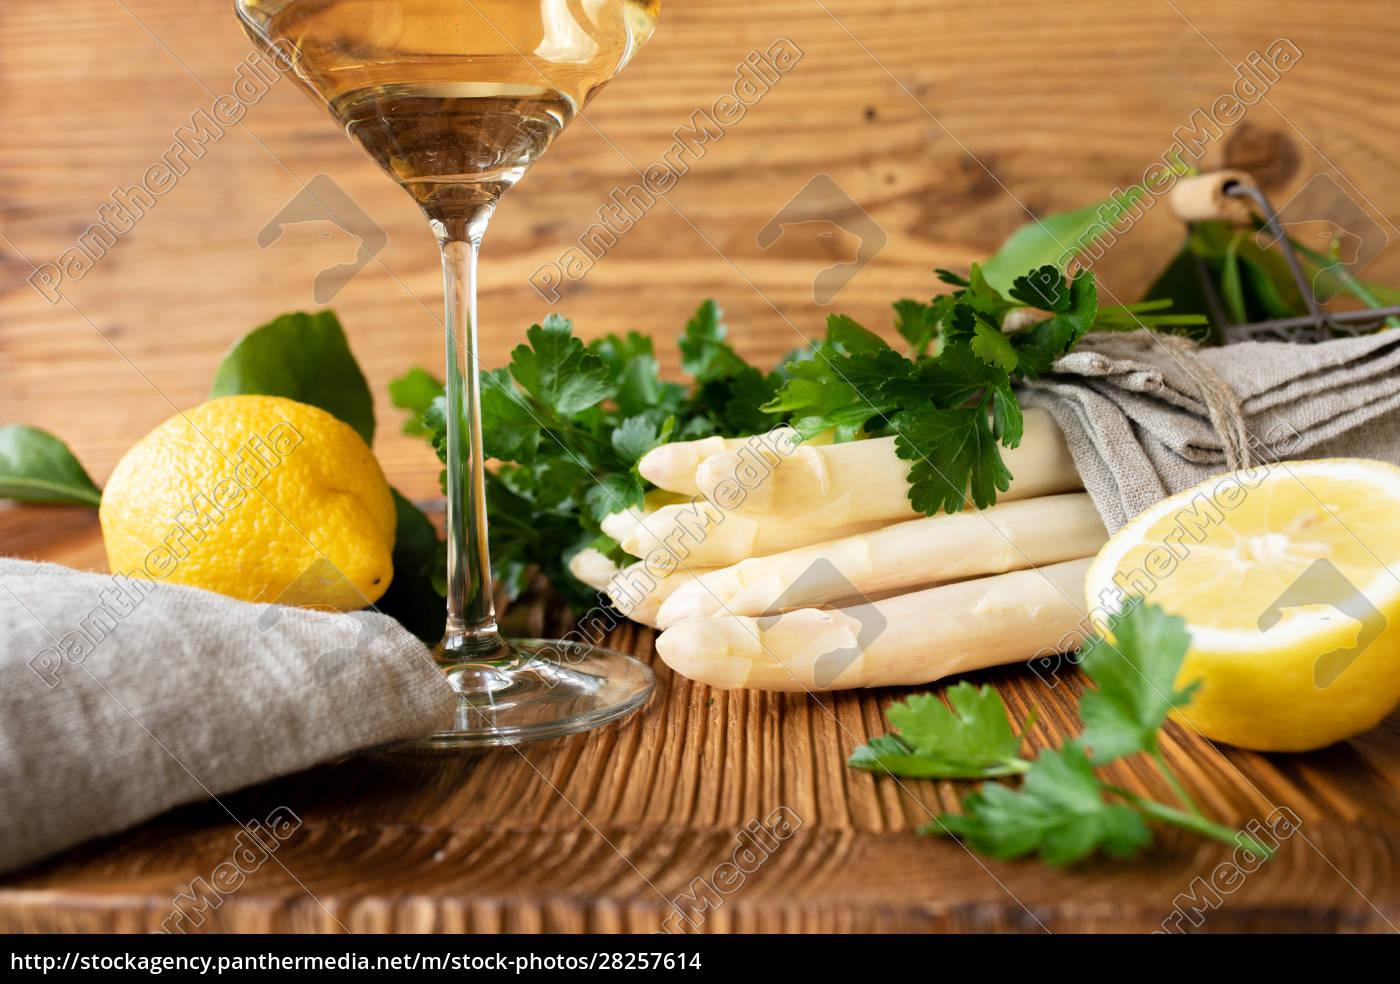 asparagus, spring, vegetables - 28257614